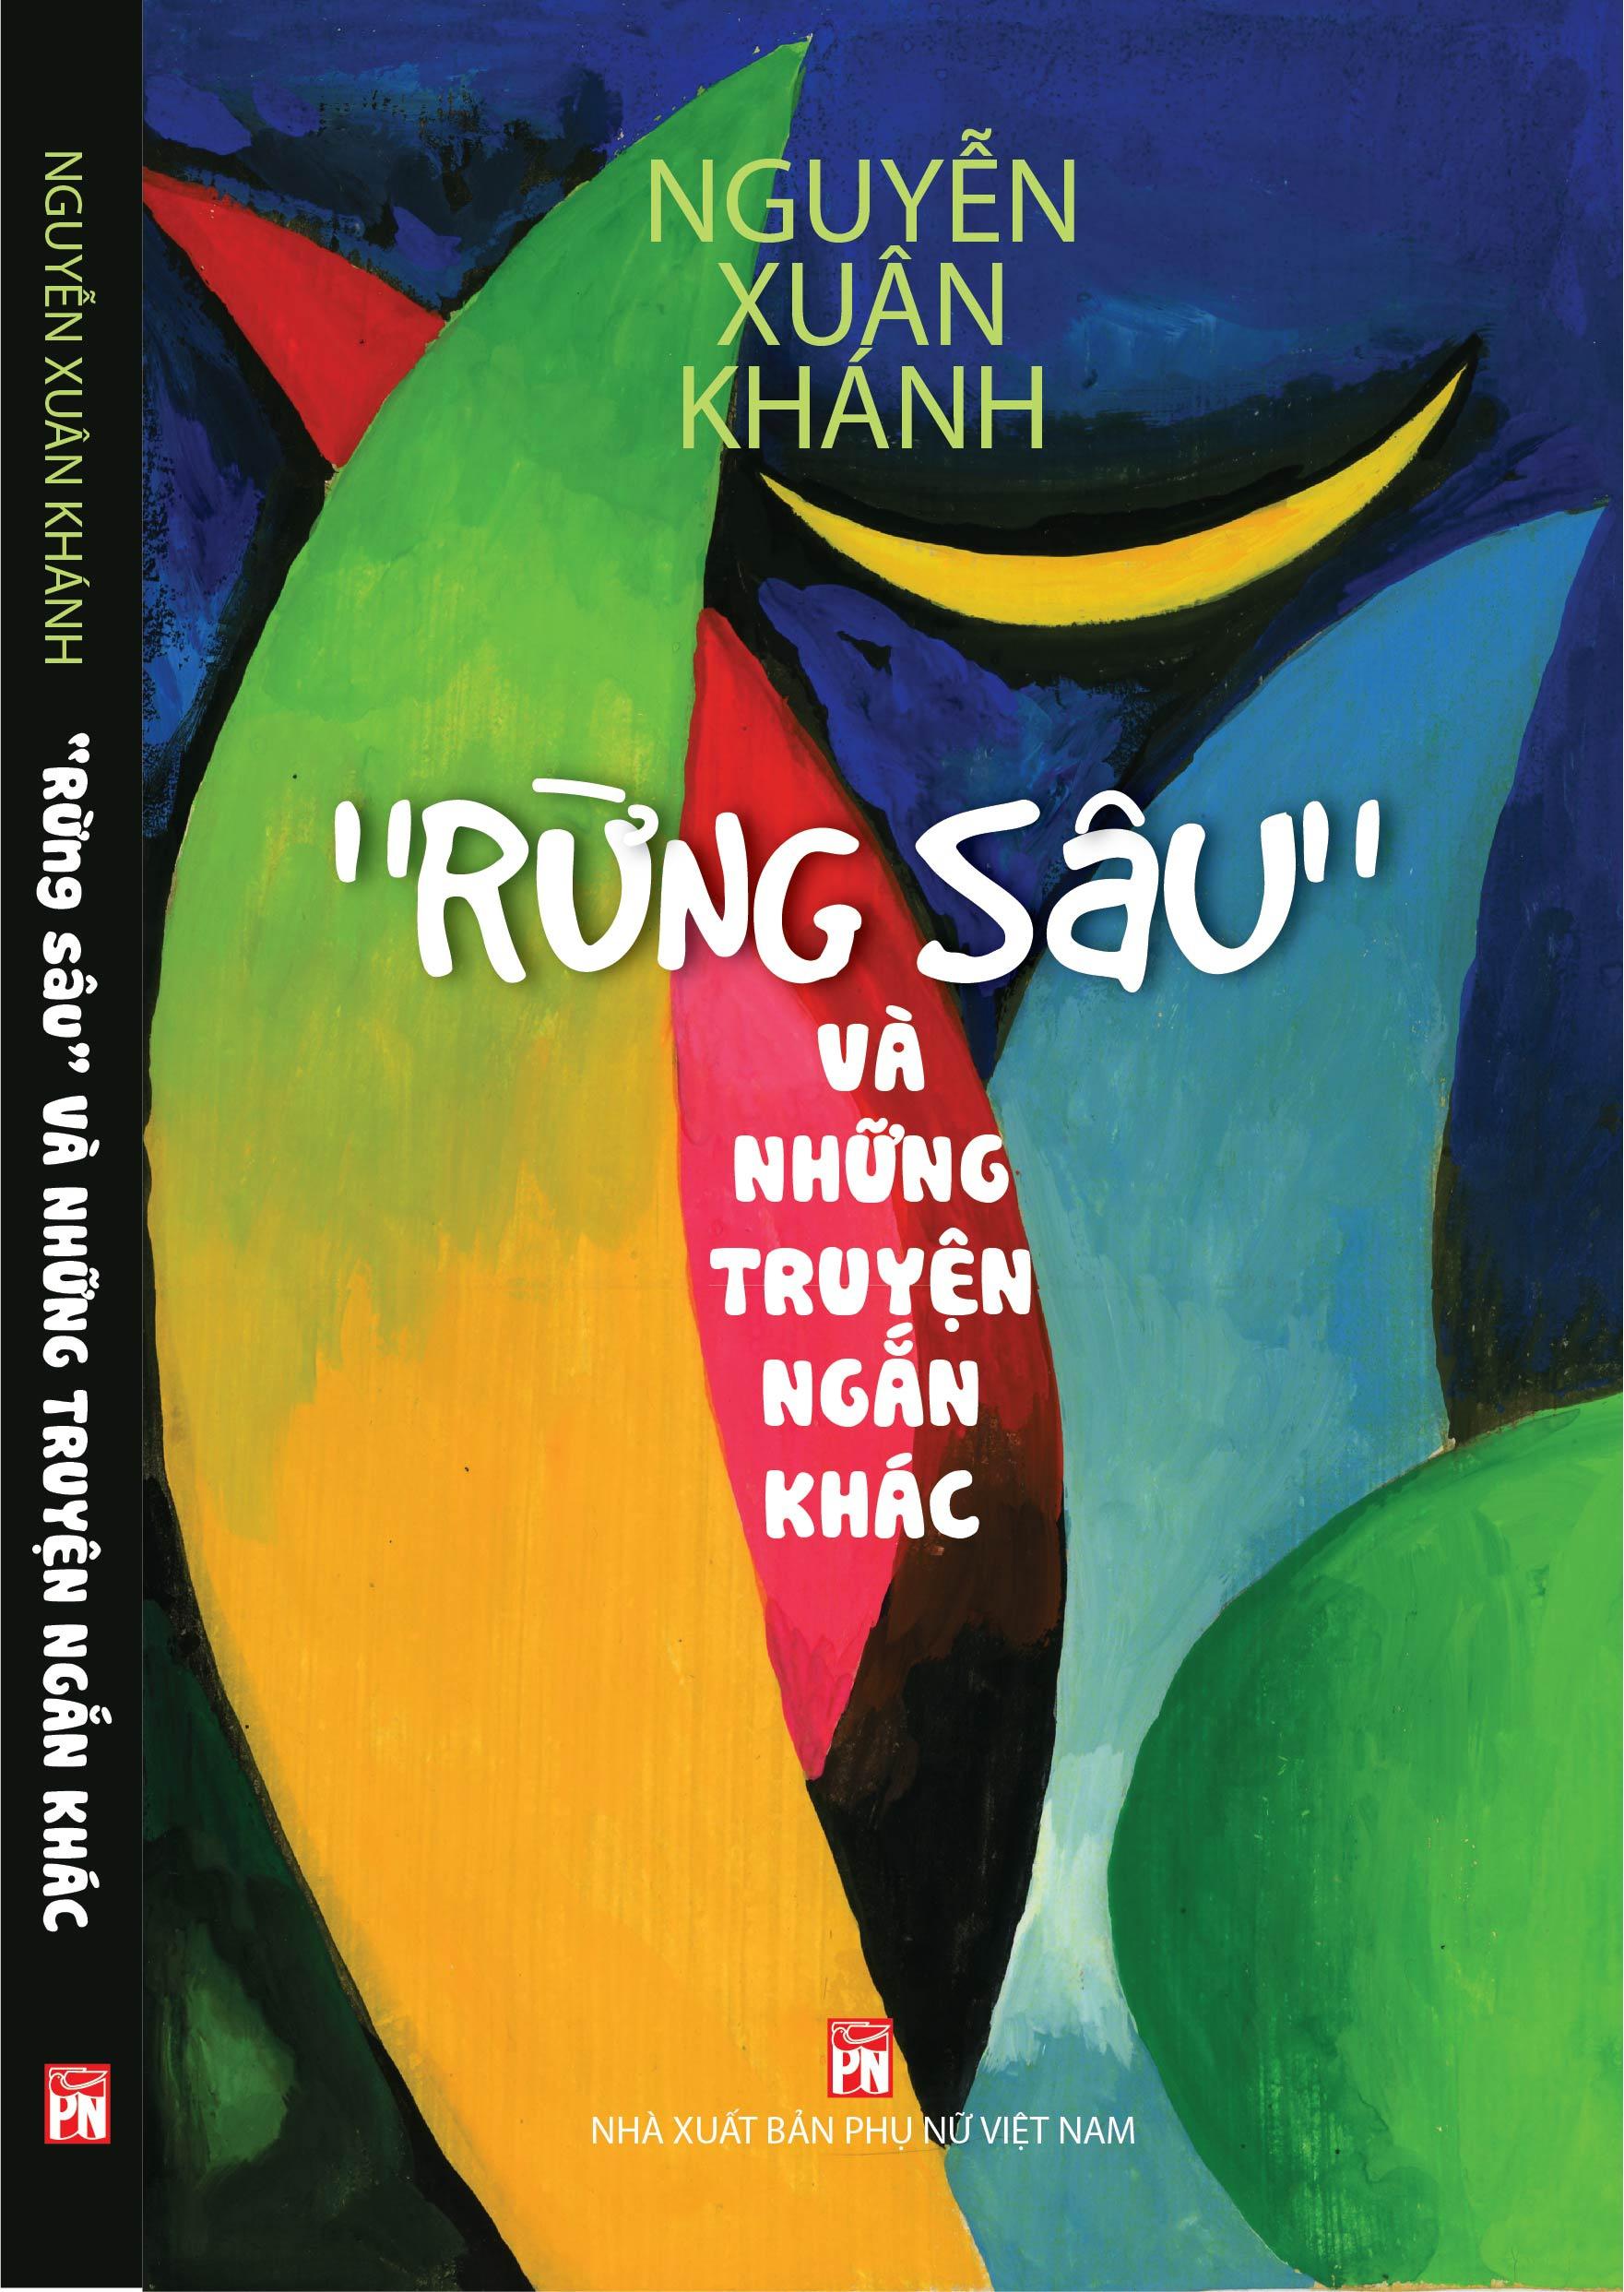 Tac pham cua nha van Nguyen Xuan Khanh anh 1